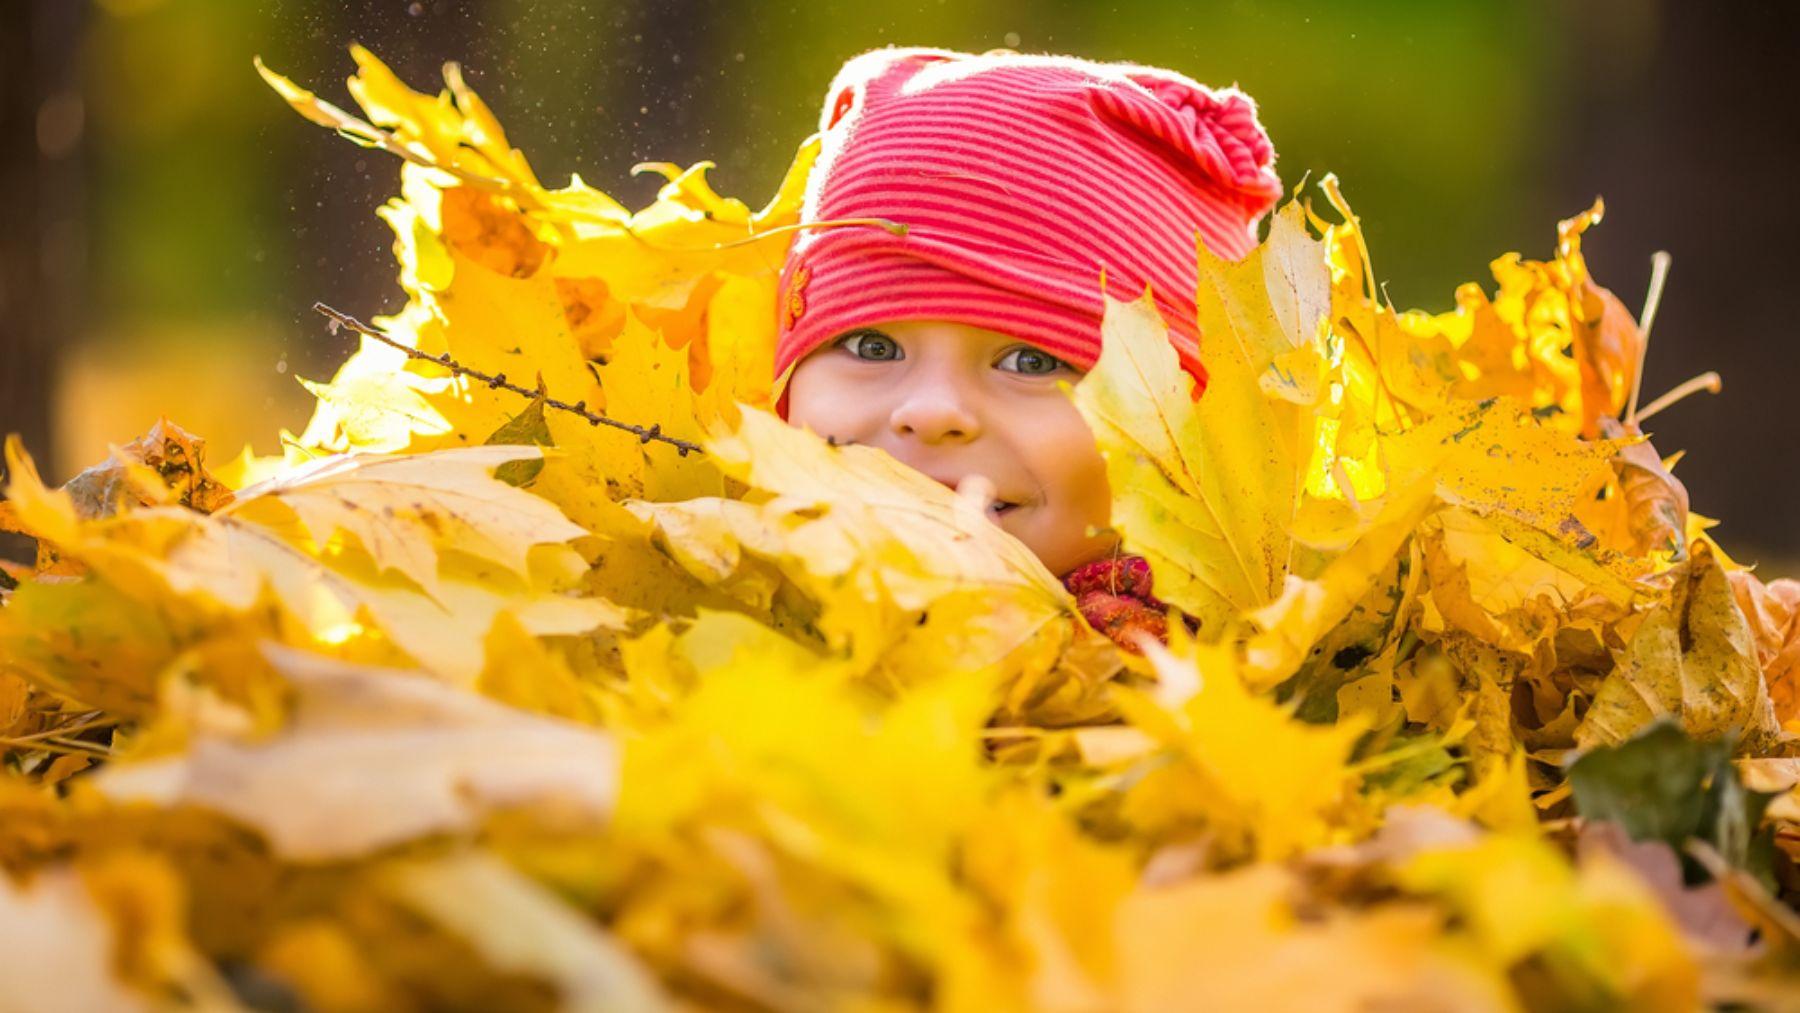 Descubre cómo hacer algunas de las mejores manualidades infantiles para este otoño con hojas